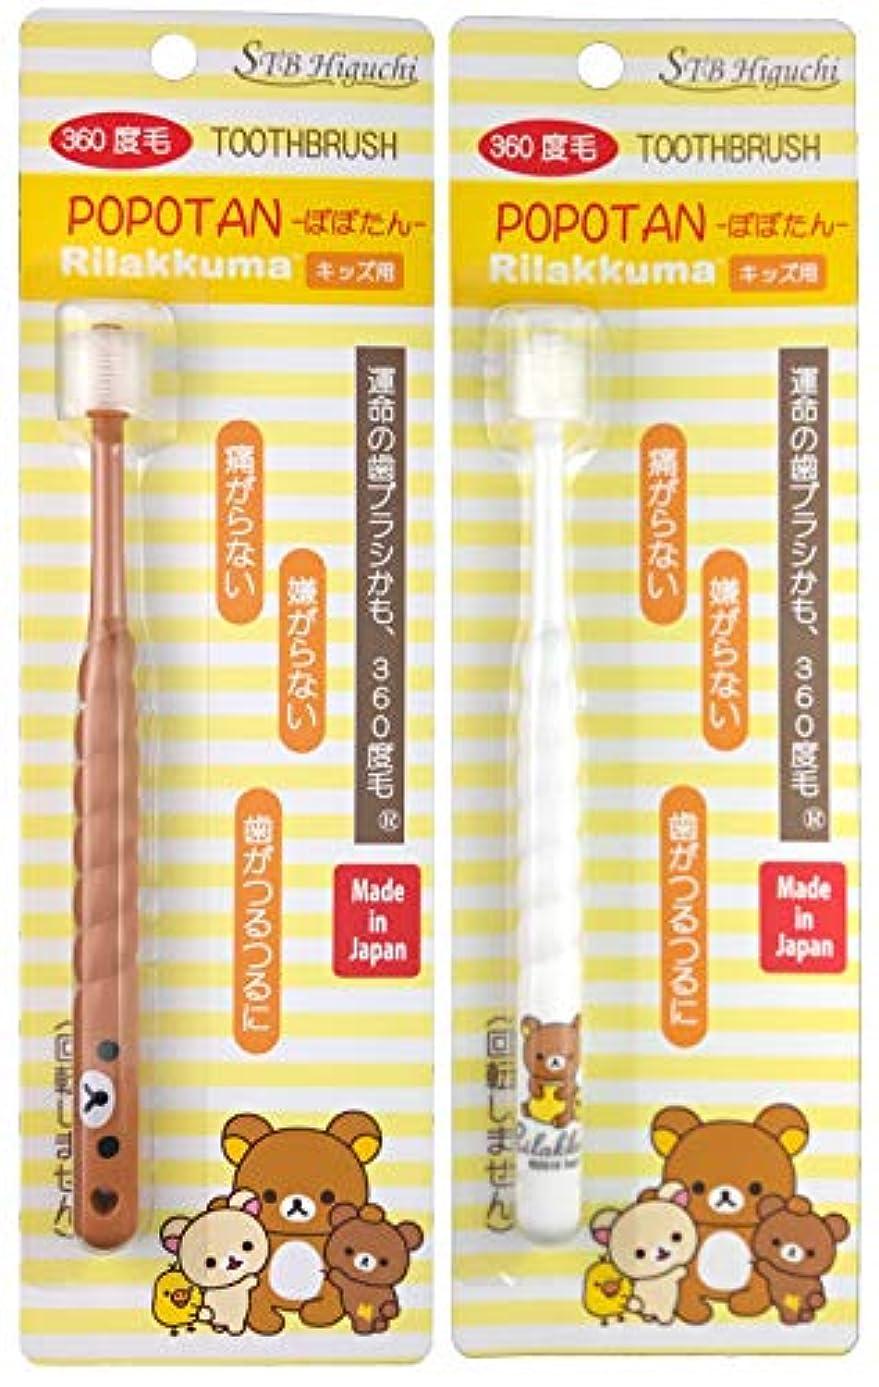 予測引き潮ピック360度毛歯ブラシ STB-360do POPOTANキッズ ぽぽたんキッズ リラックマ(カラーは1色おまかせ)